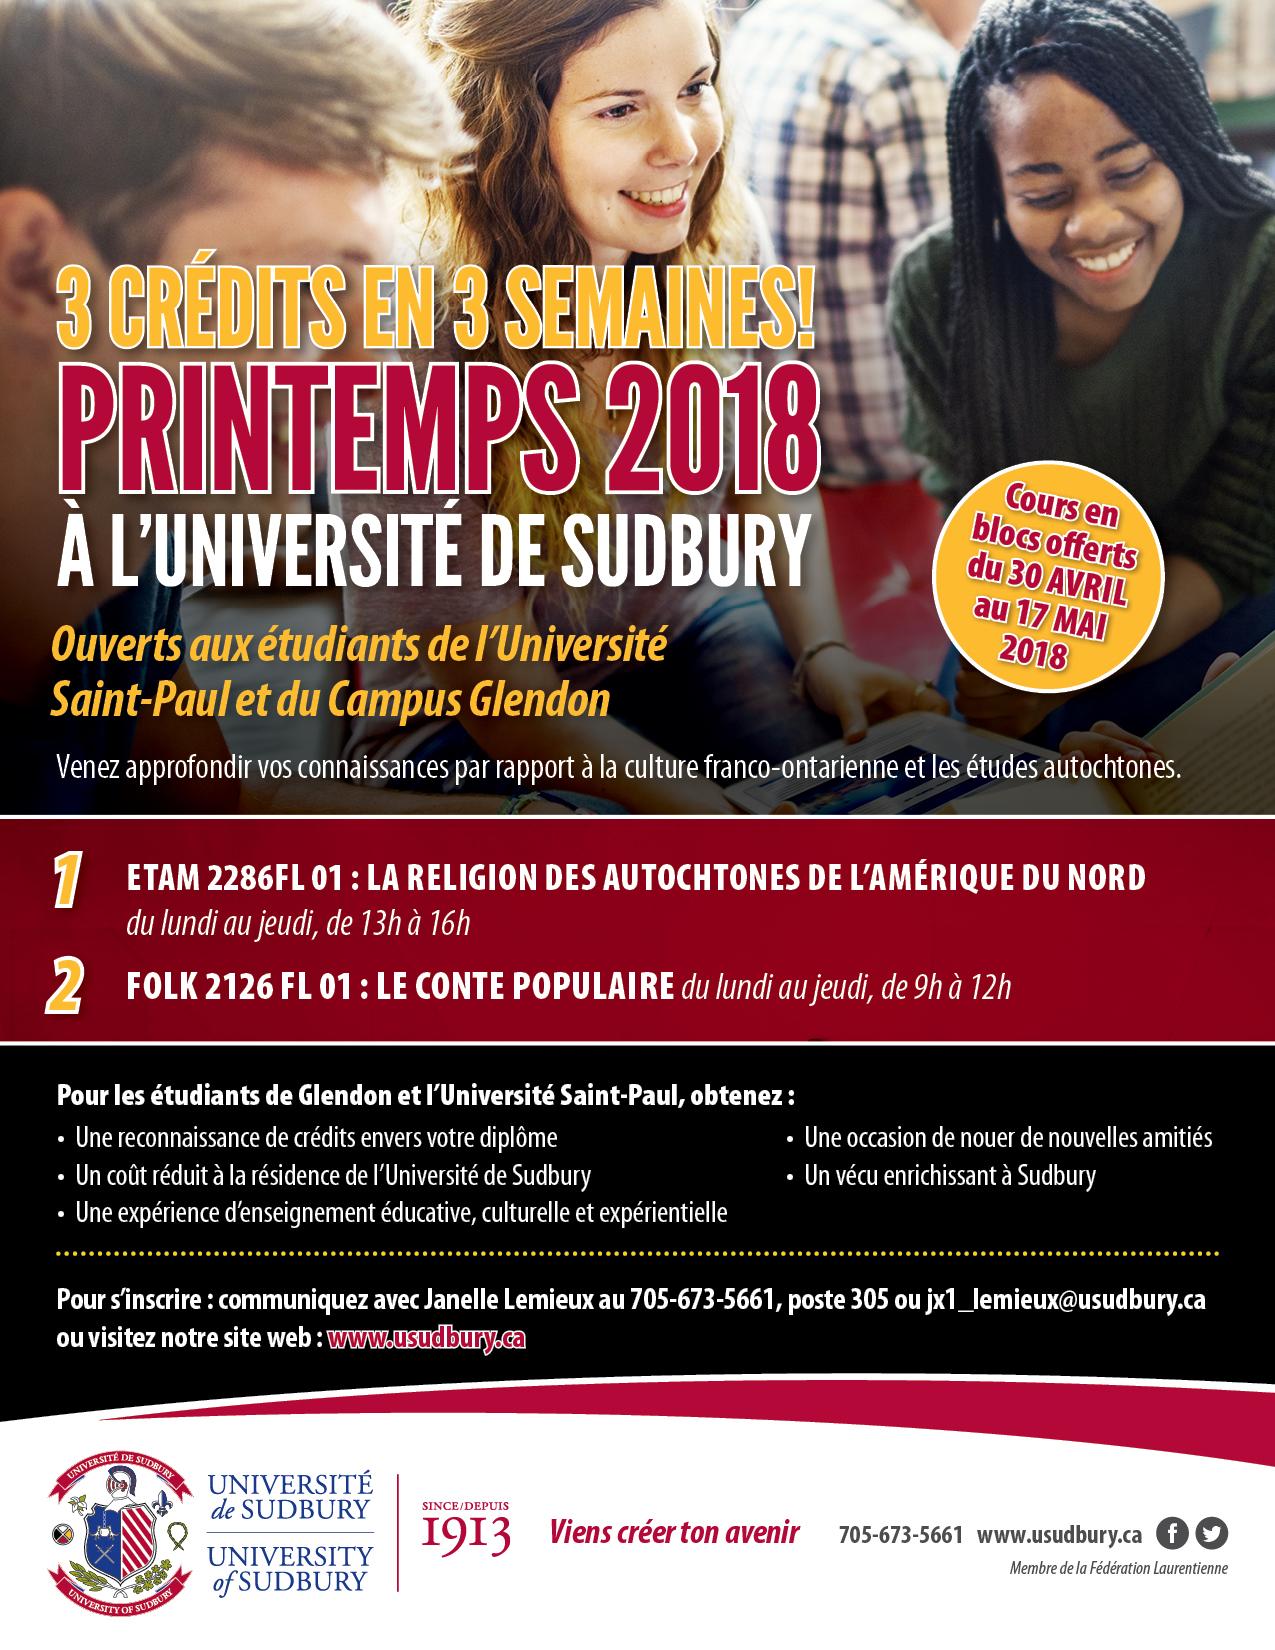 3 crédits en 3 semaines à l'Université de Sudbury